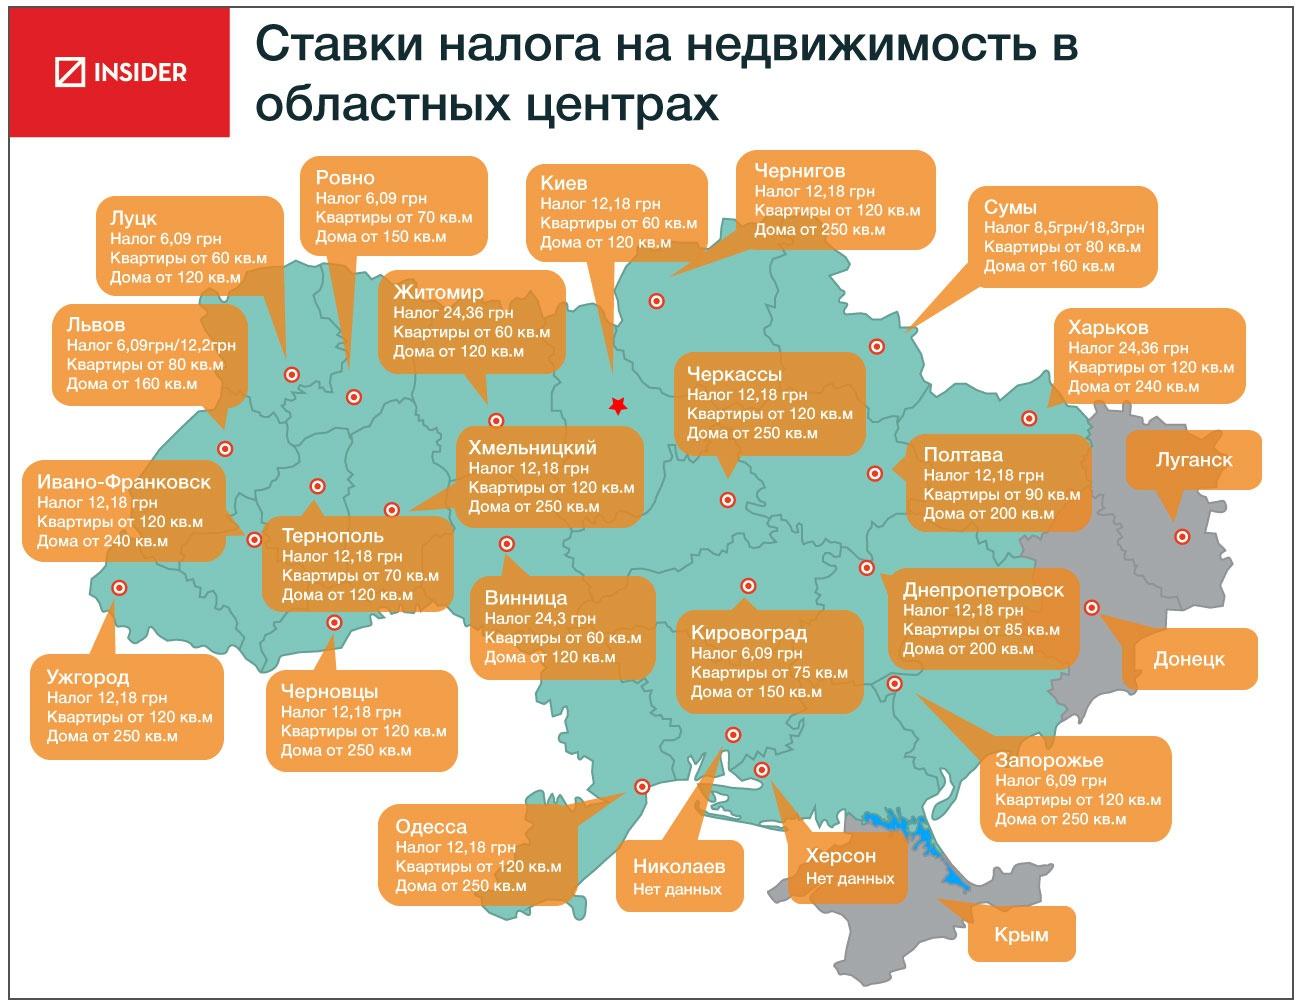 Транспортный налог в крыму для пенсионеров